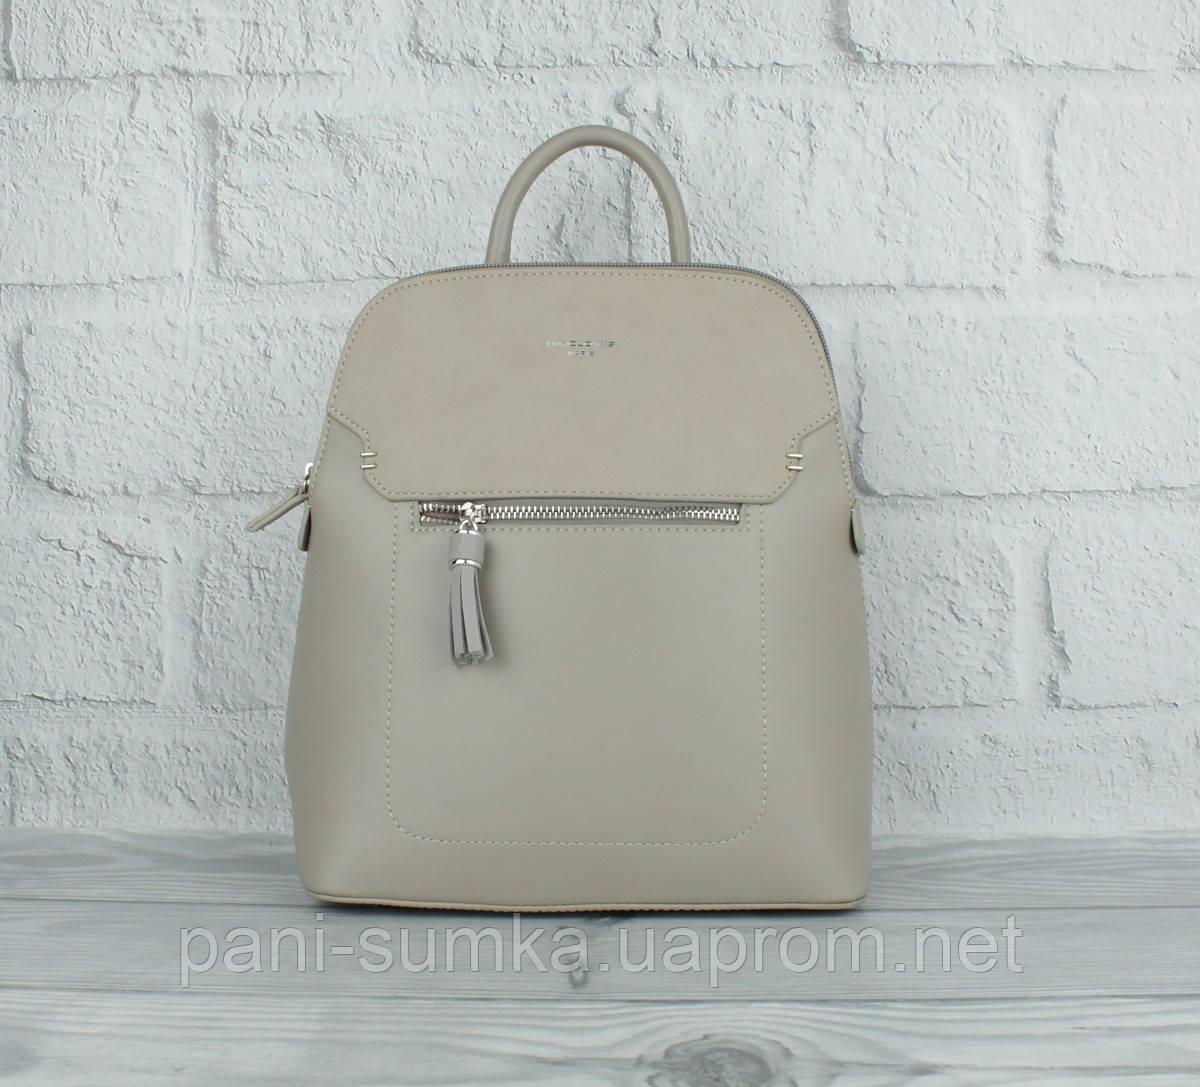 Стильний невеликий рюкзак David Jones 5915-2 сірий (Італія), забарвлення